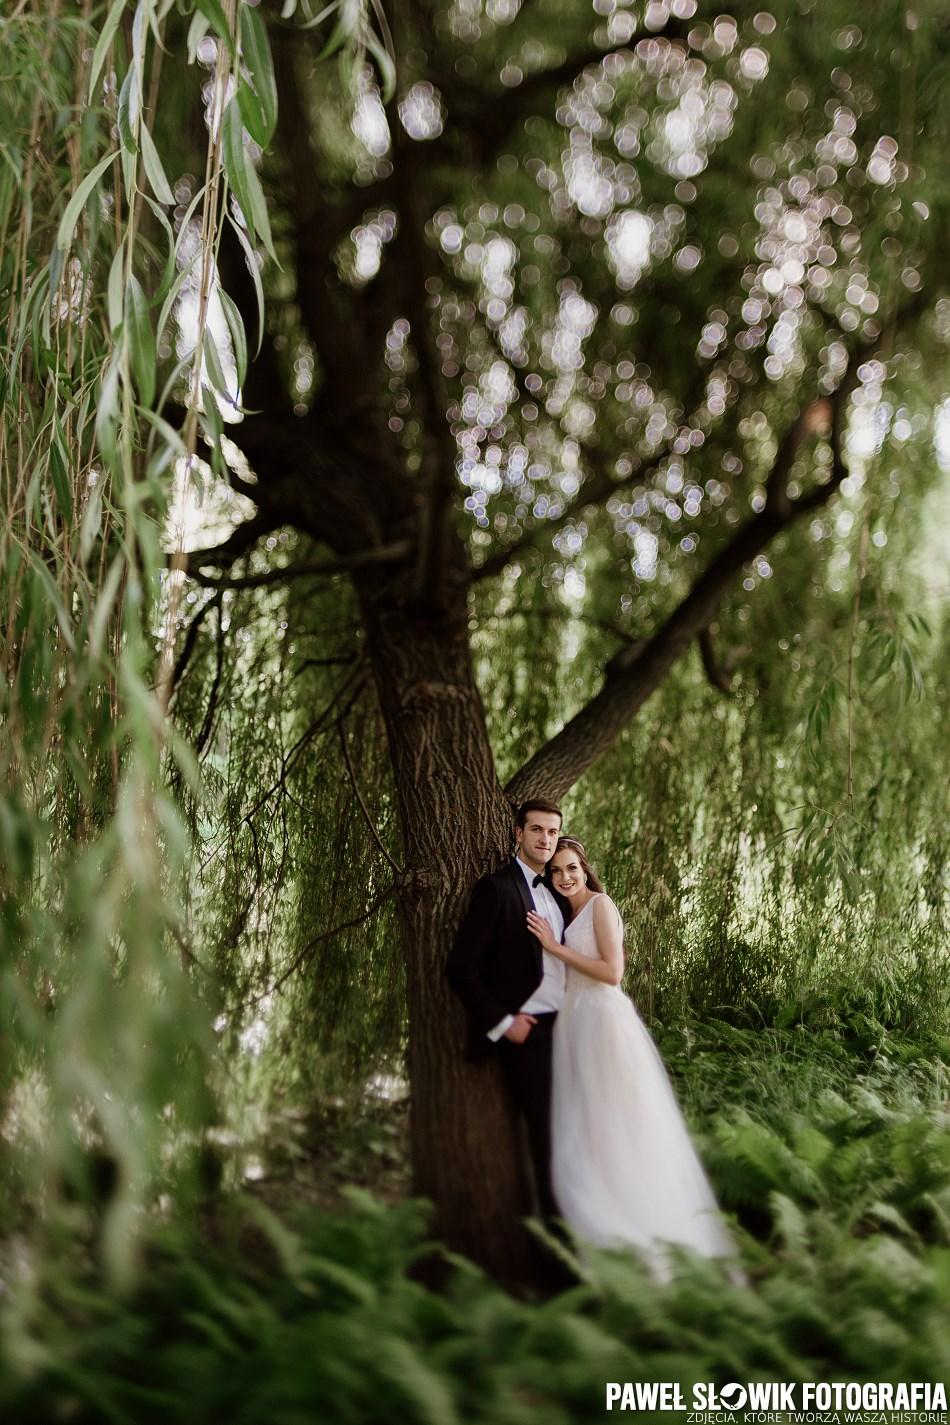 warsztaty fotografii ślubnej i fotografii chrztu